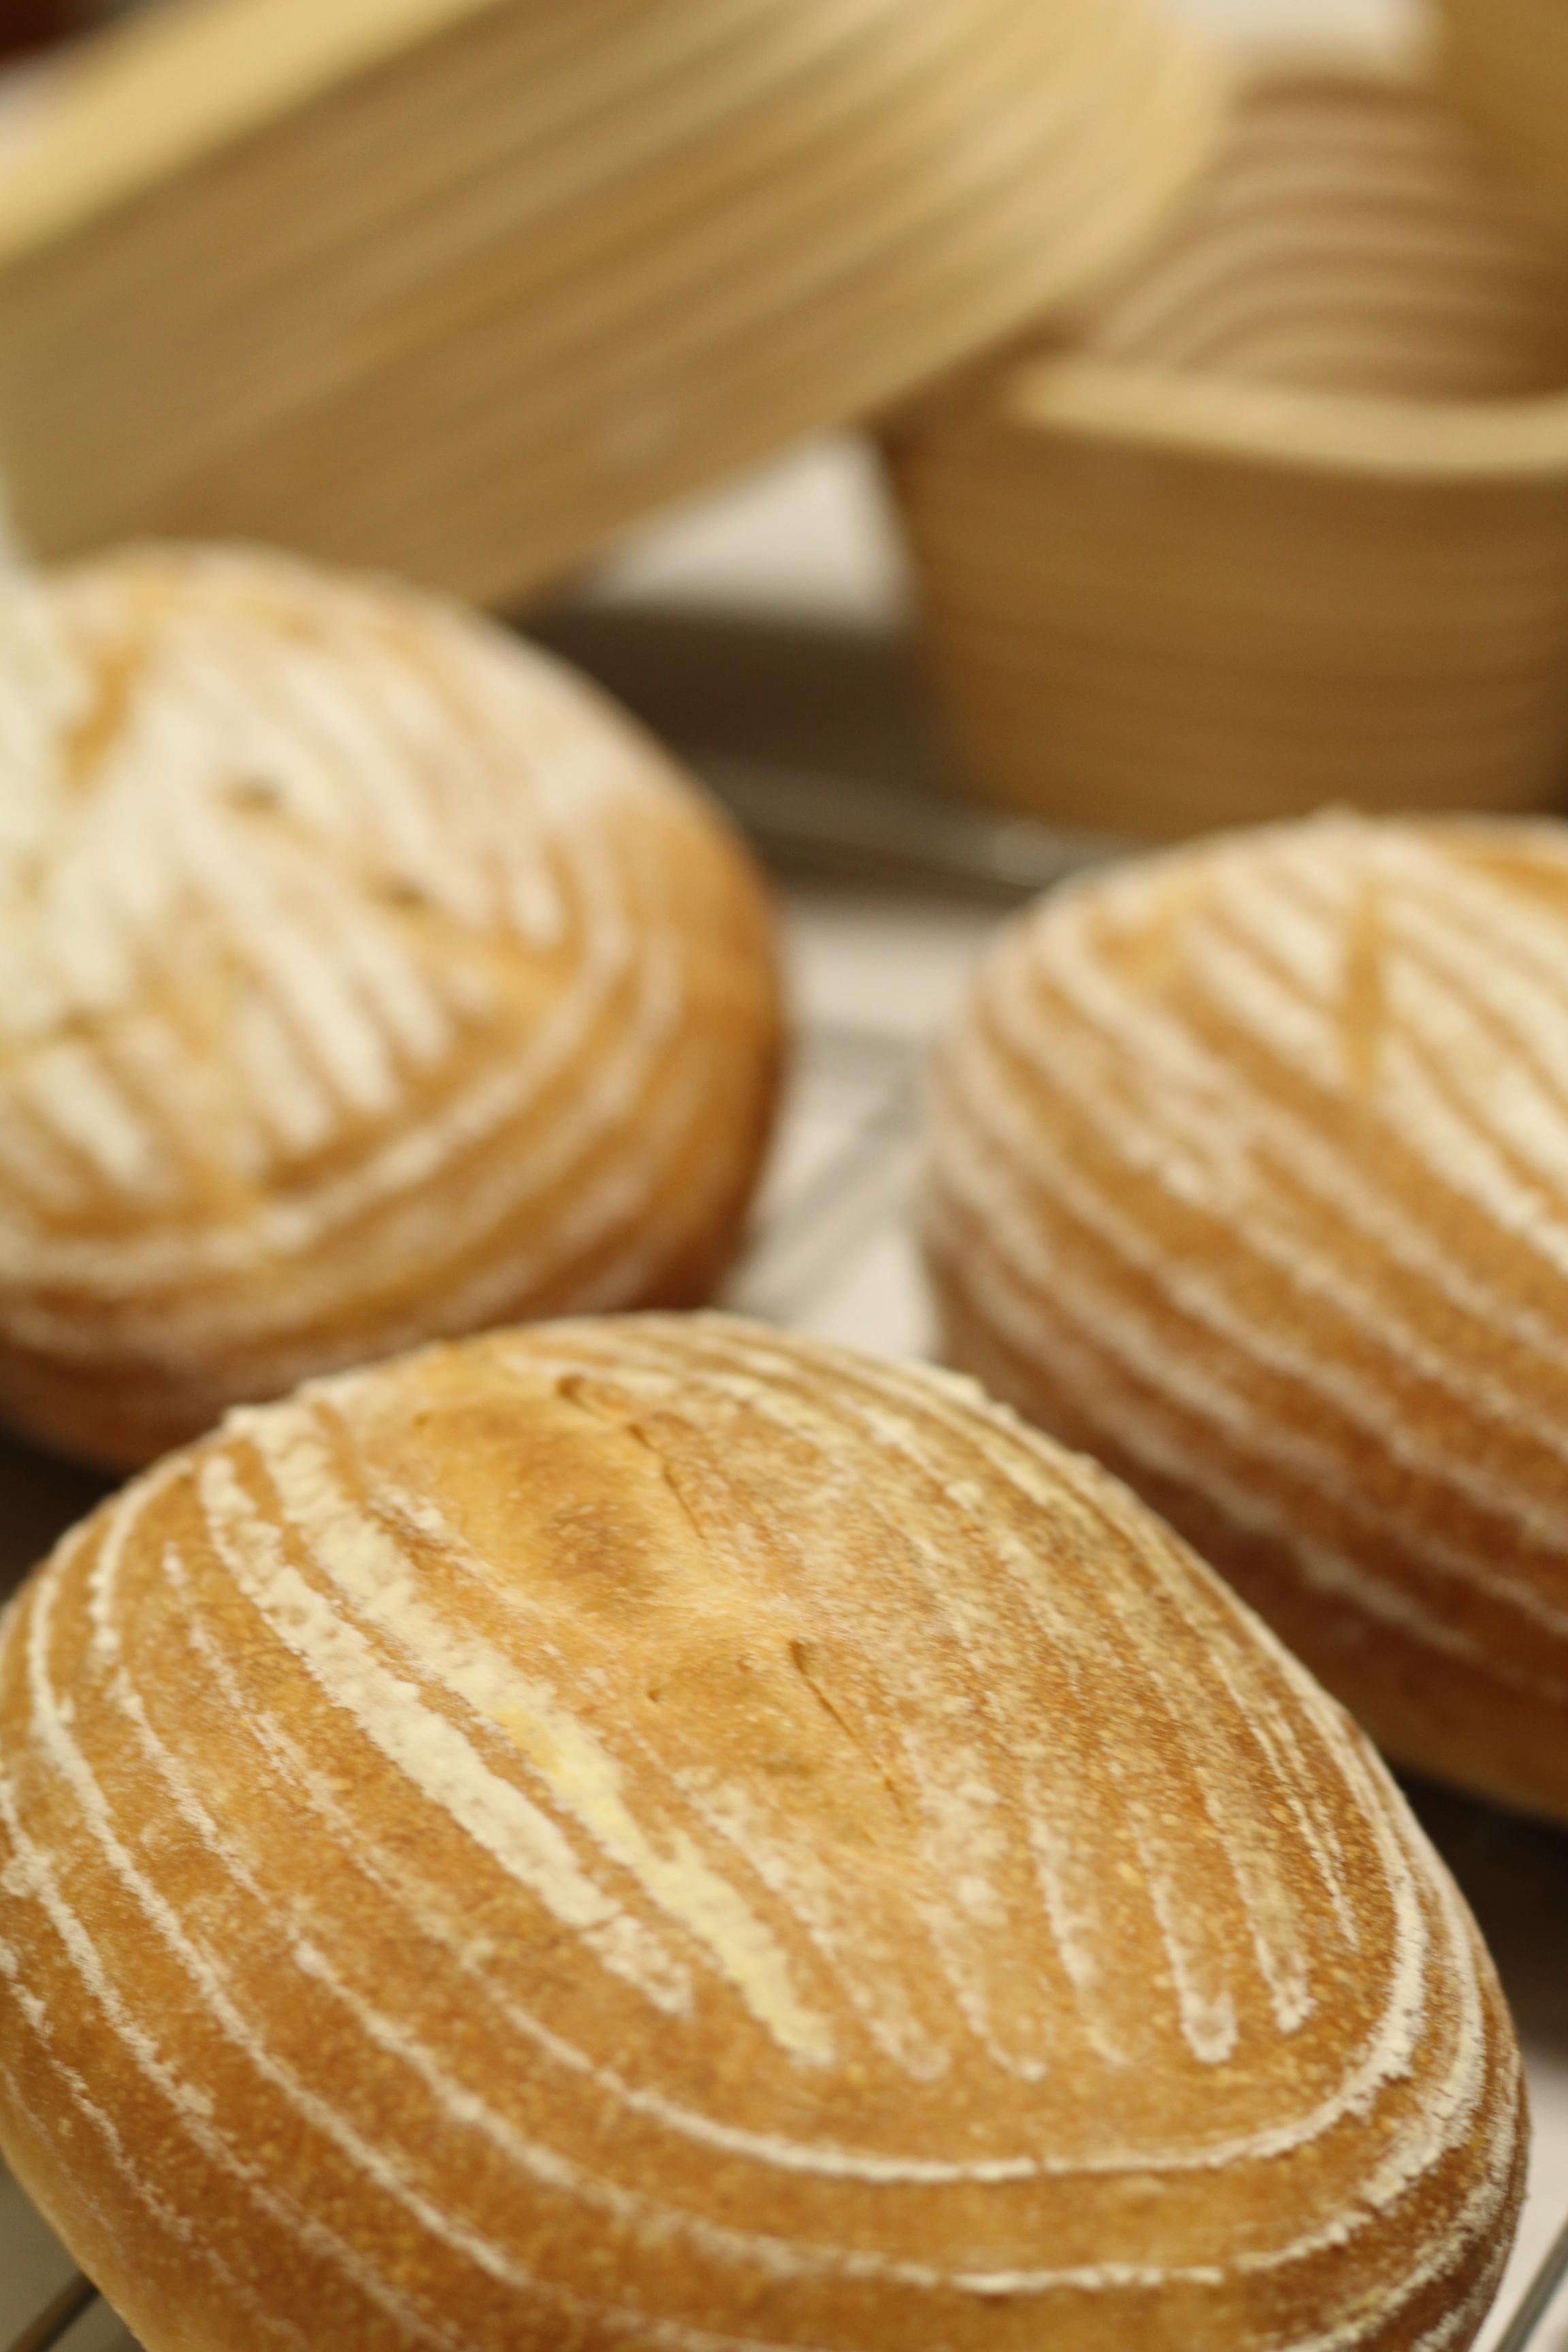 自家製酵母・酒種で、焼いたカンパーニュ。